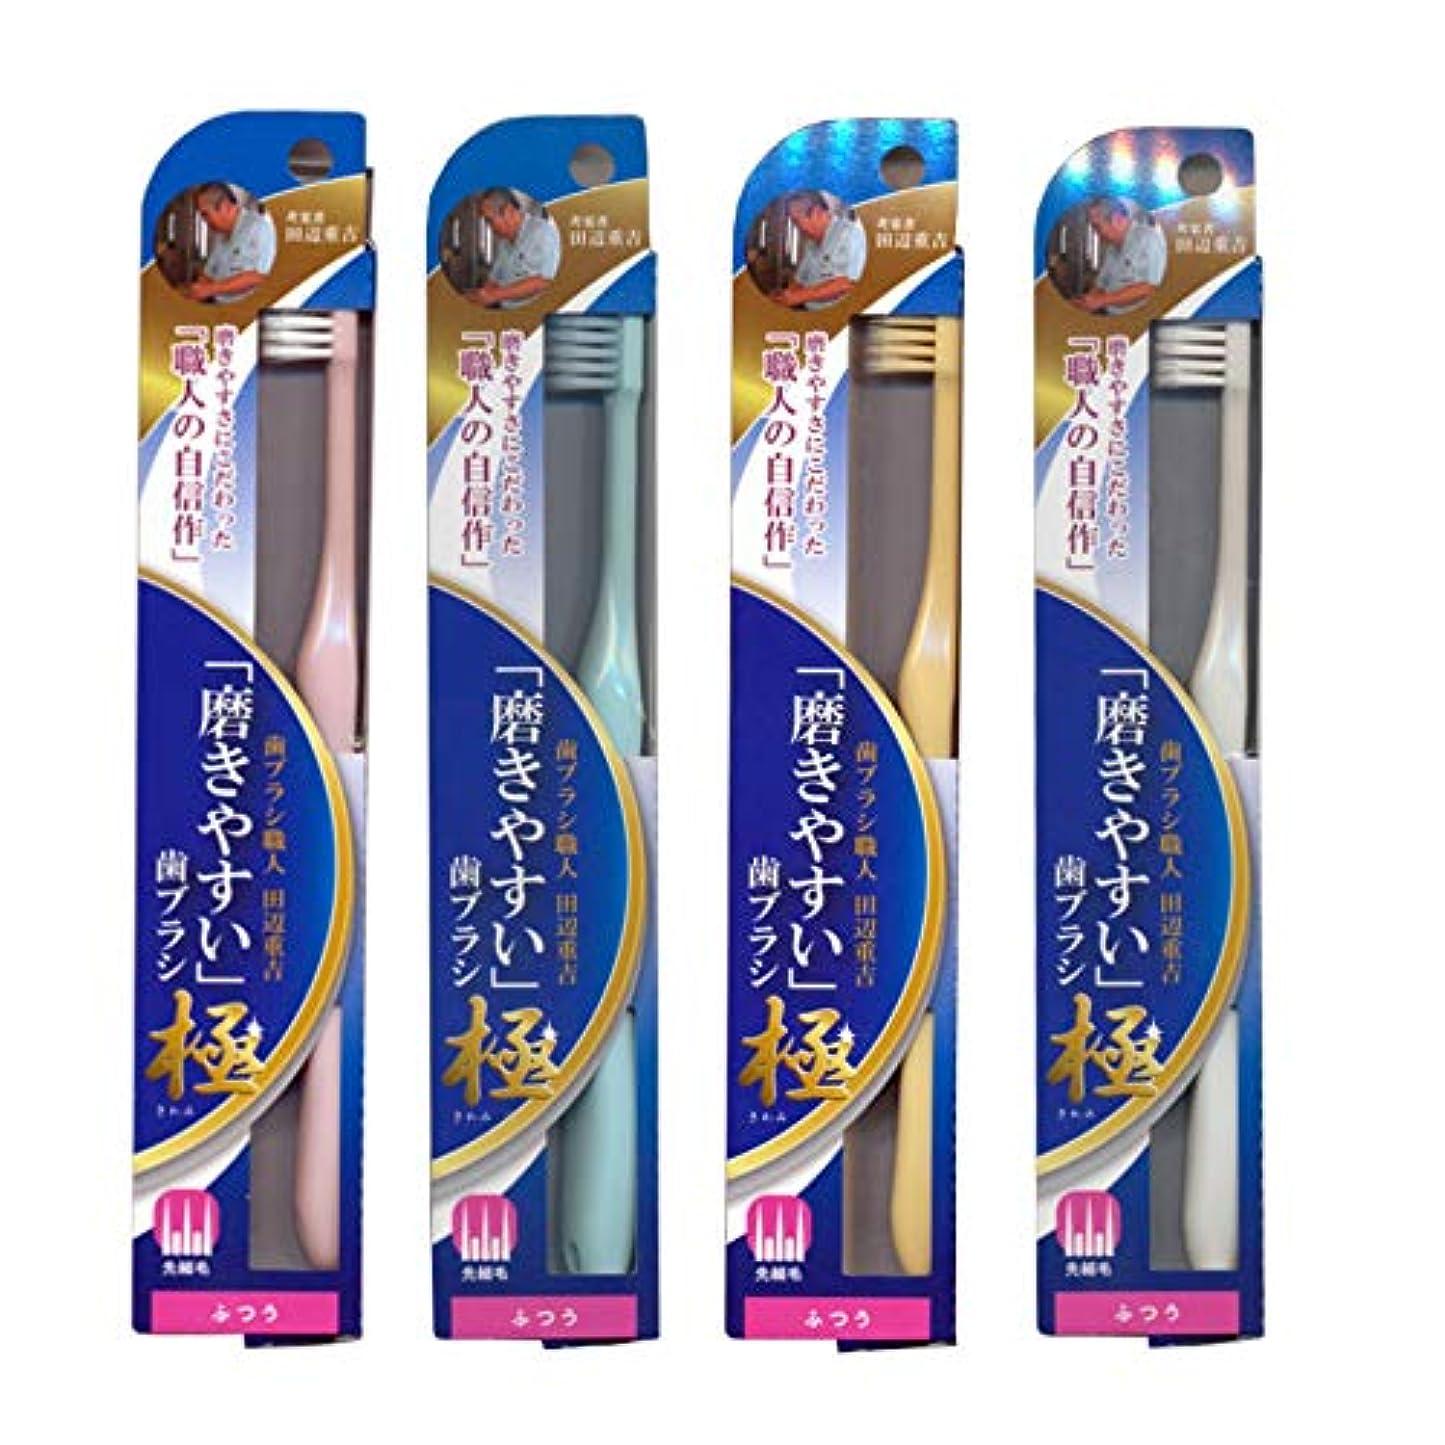 舌な女王衝突磨きやすい歯ブラシ極 (ふつう) LT-44×4本セット(ピンク×1、ブルー×1、ホワイト×1、イエロー×1)先細毛